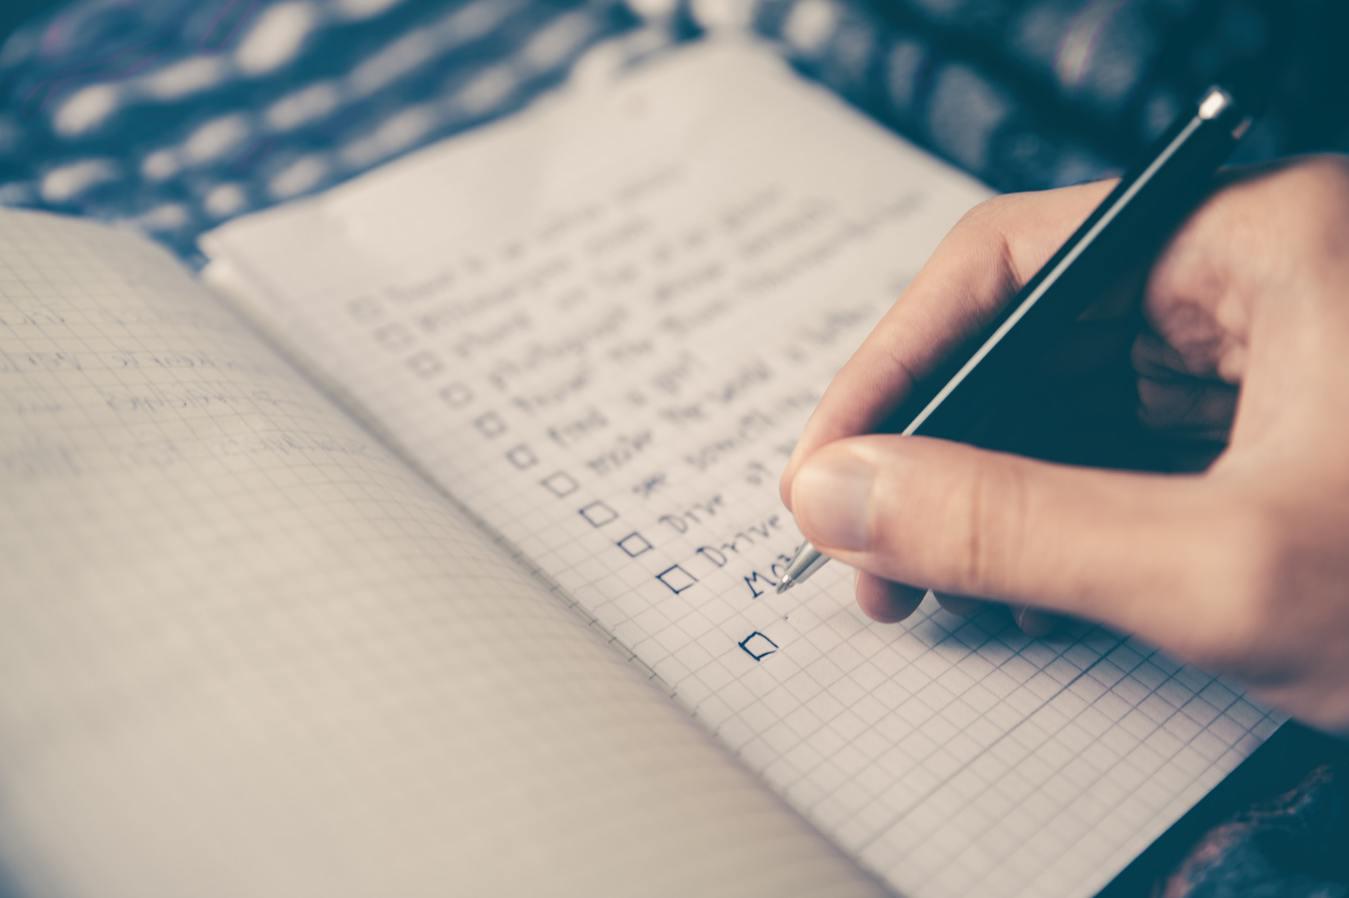 Eine Person, die eine Checkliste in ein Notizbuch schreibt